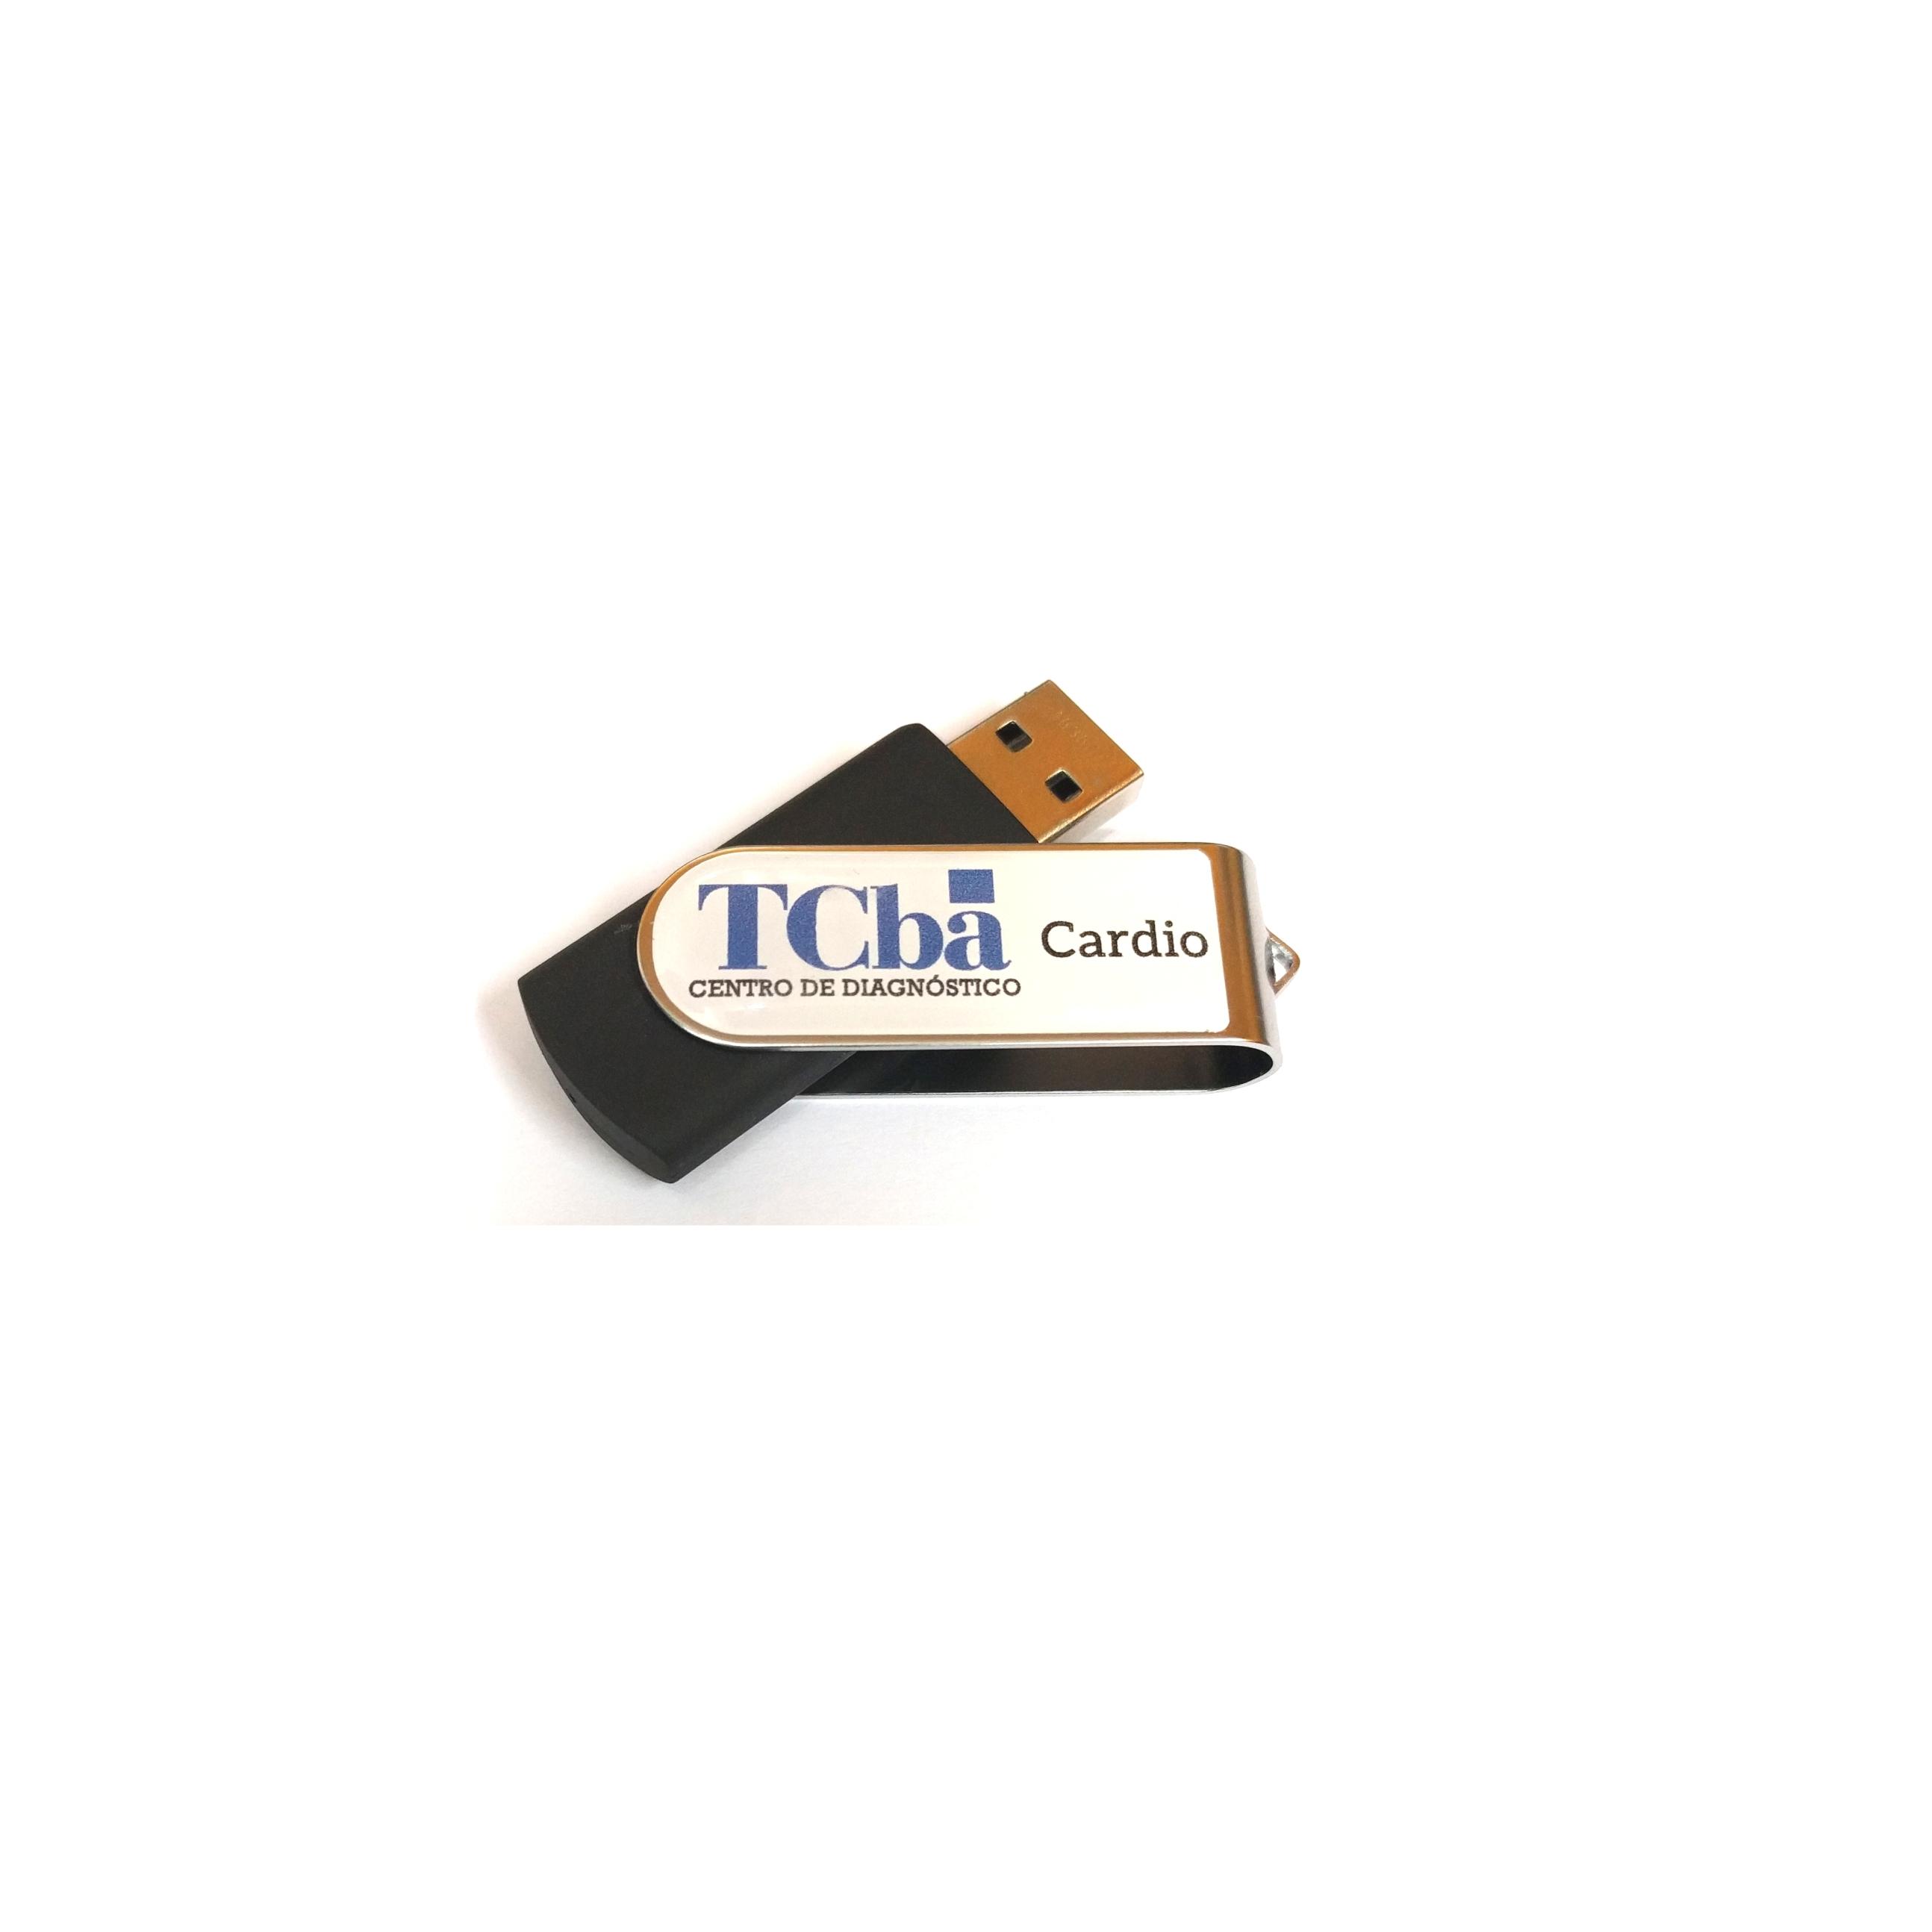 Dome en pendrive TCBA